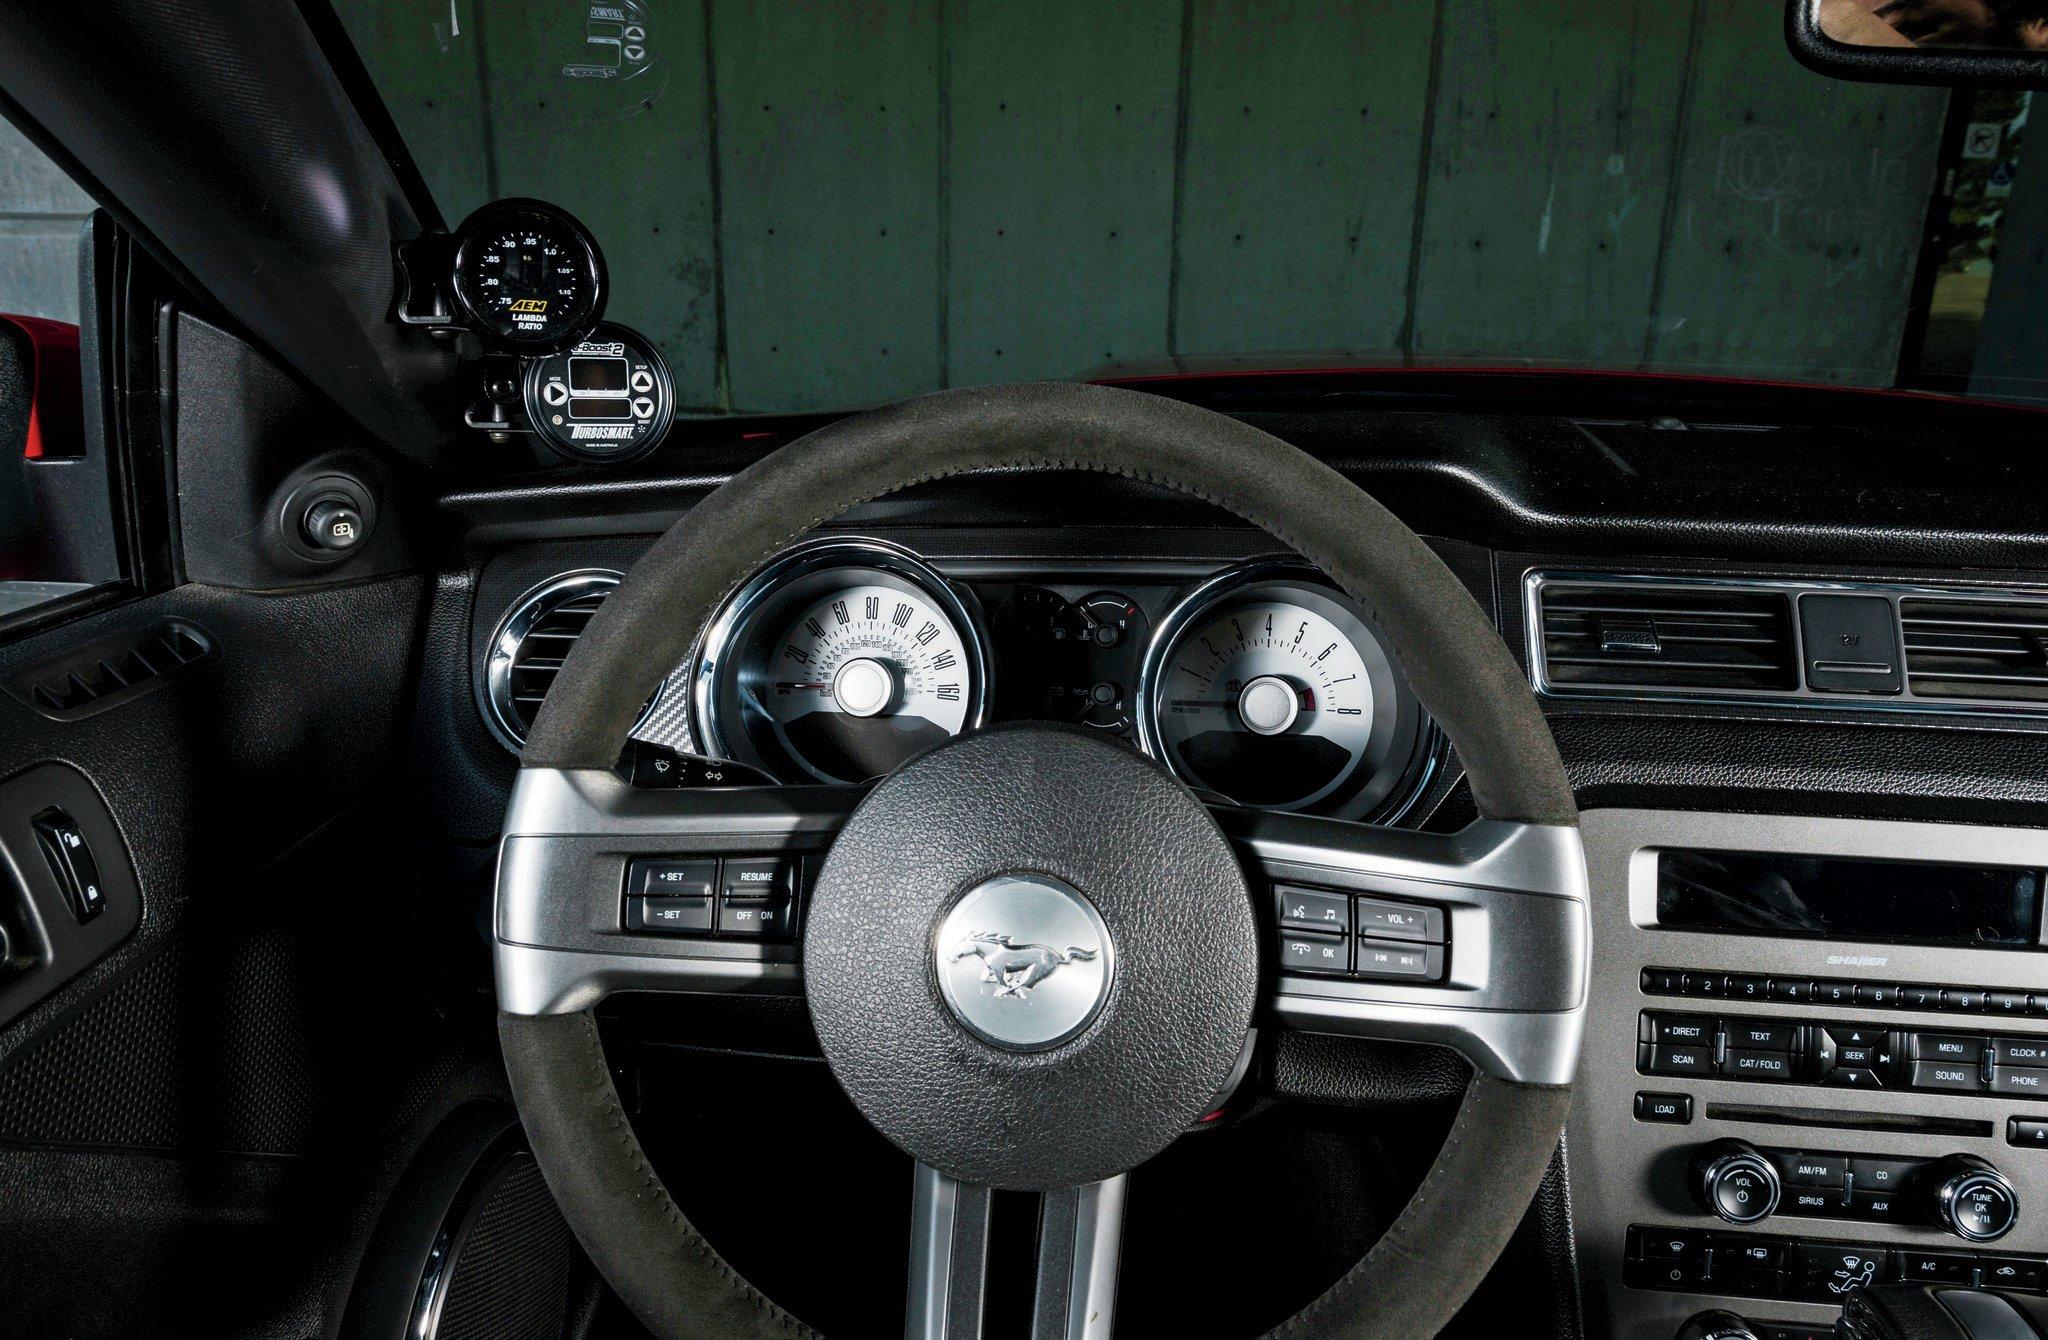 2011 Ford Mustang Gt Steering Wheel